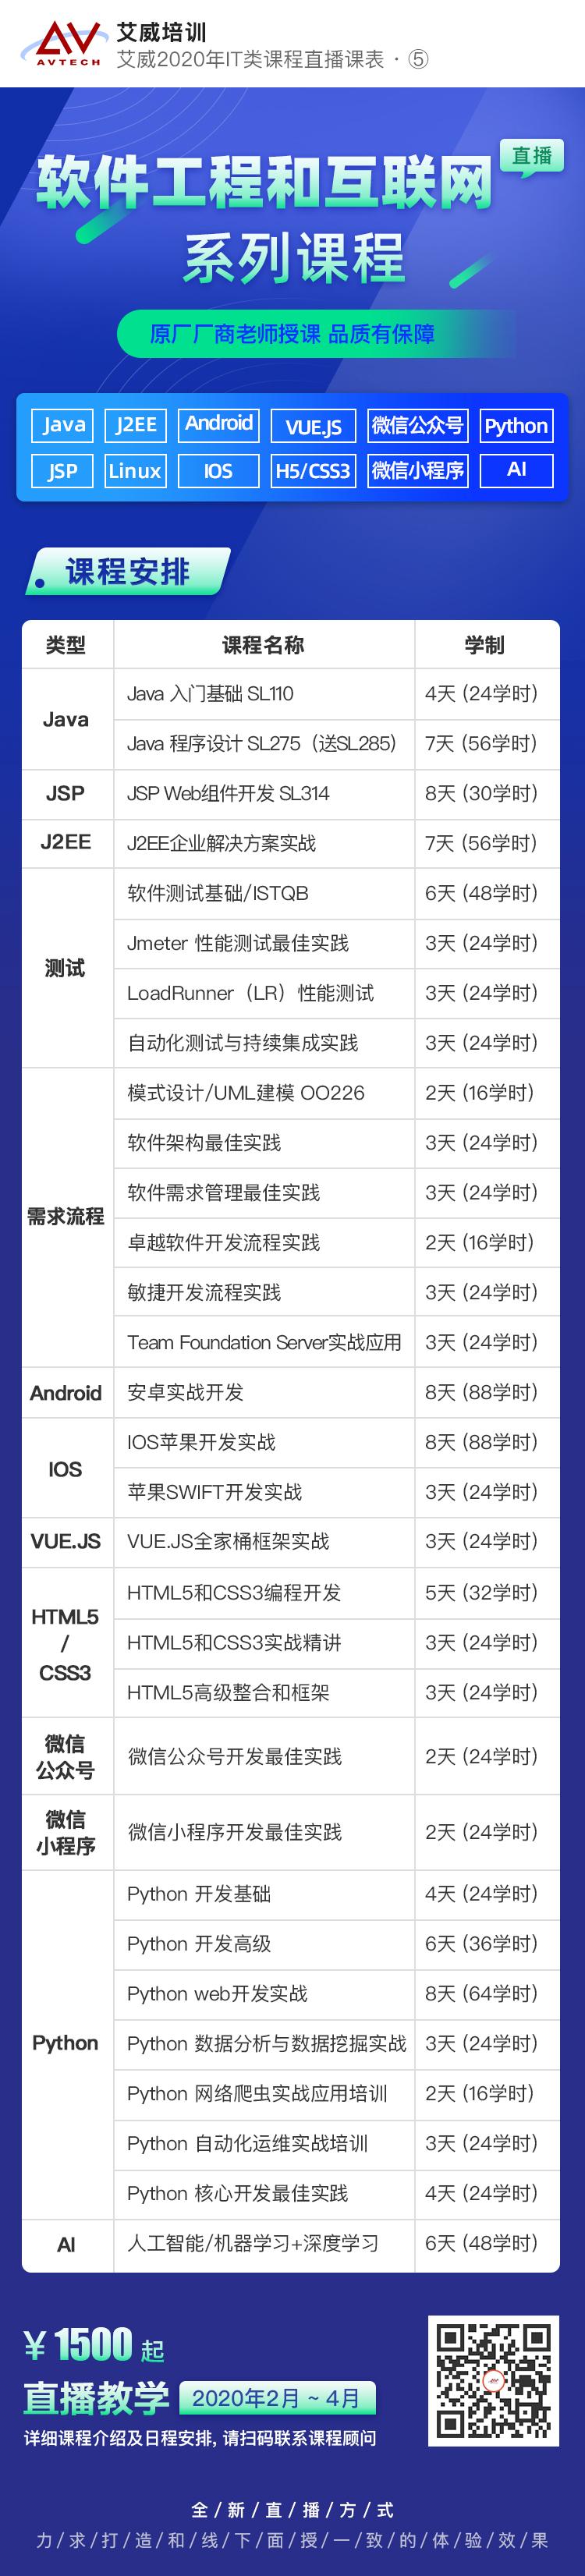 软件工程和互联网类课程(共31门课程)